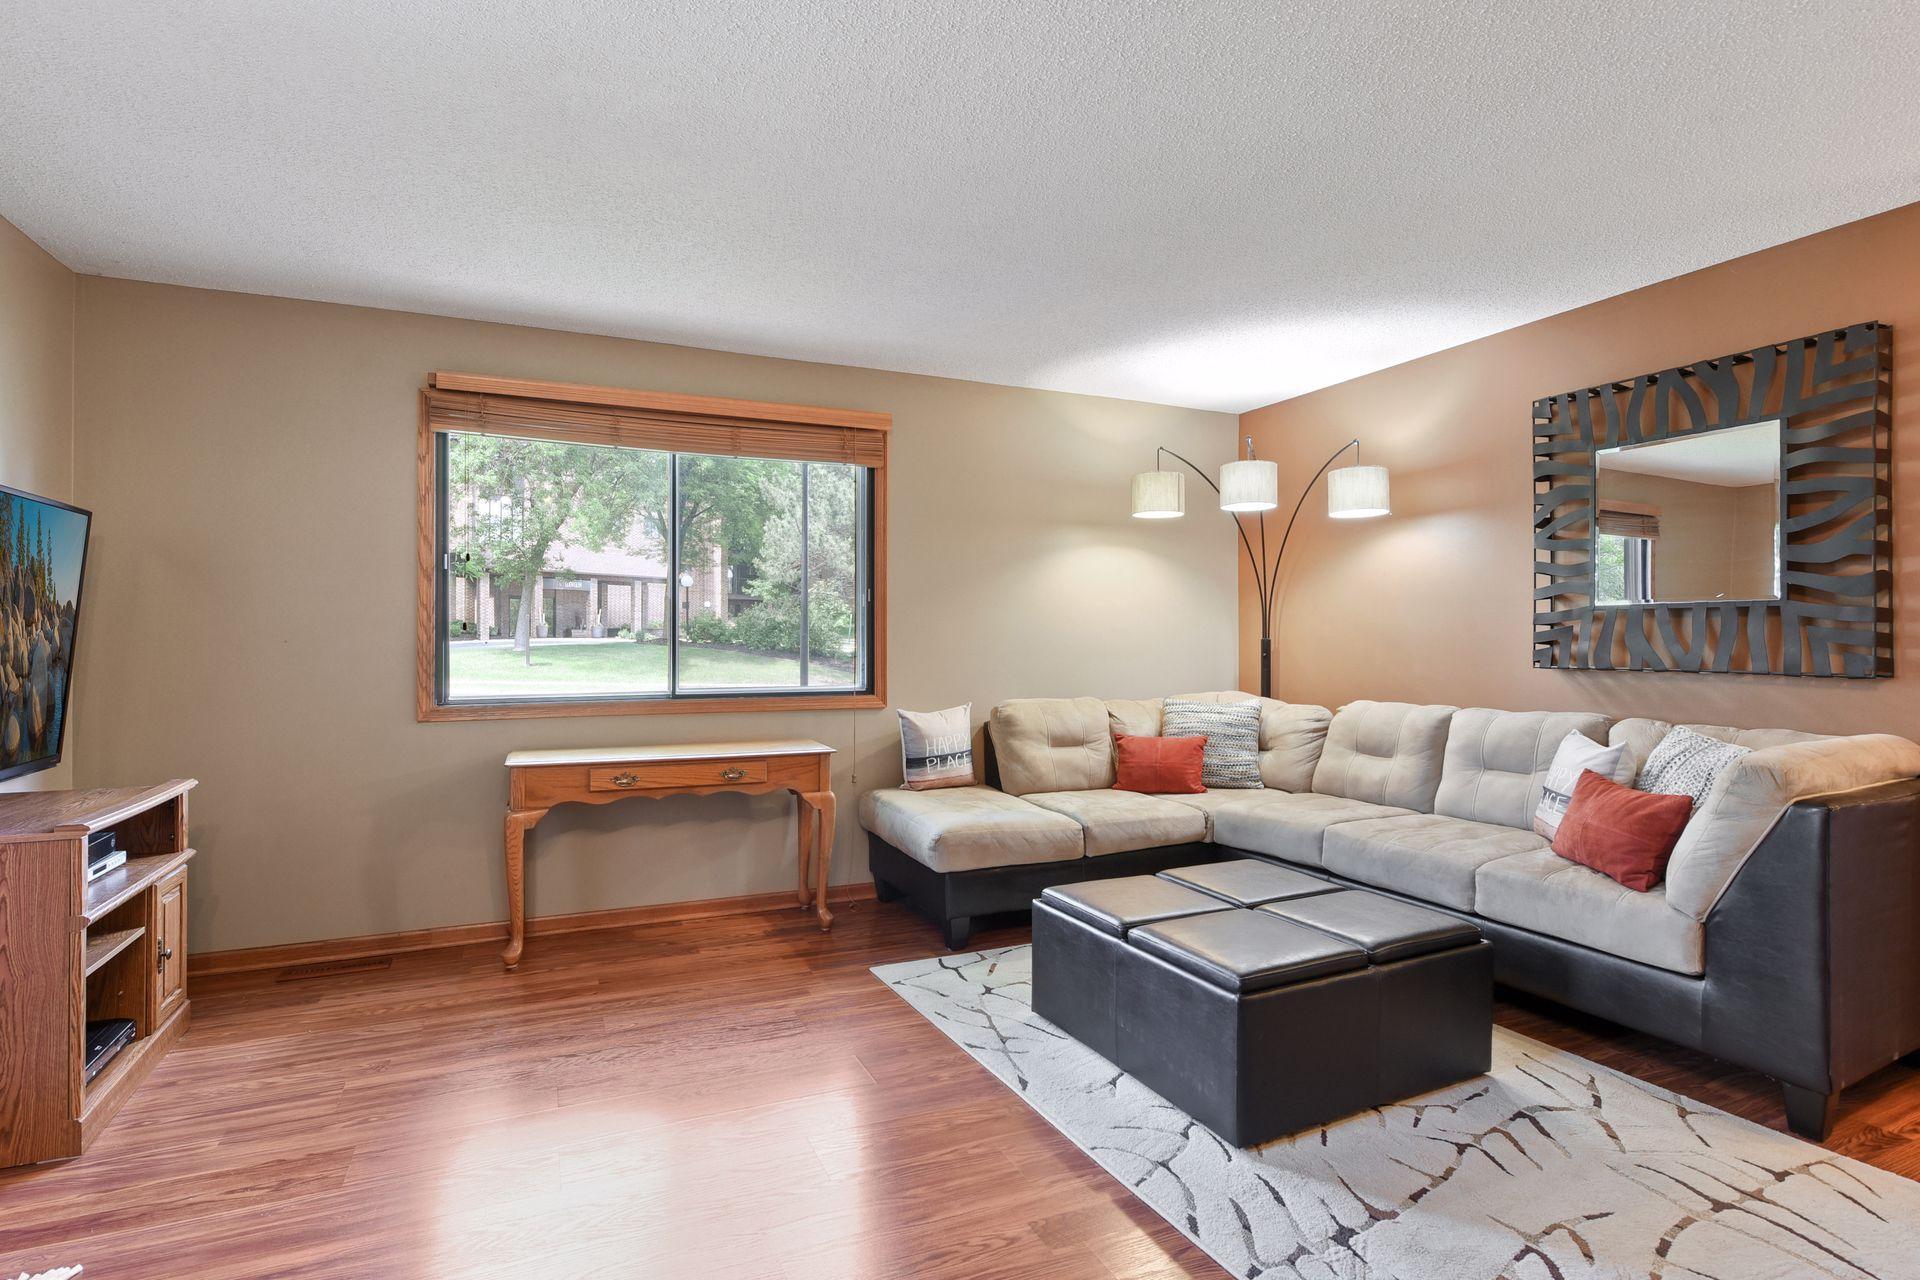 13573 Zenith Lane, Eden Prairie MN 55346 - Photo 1